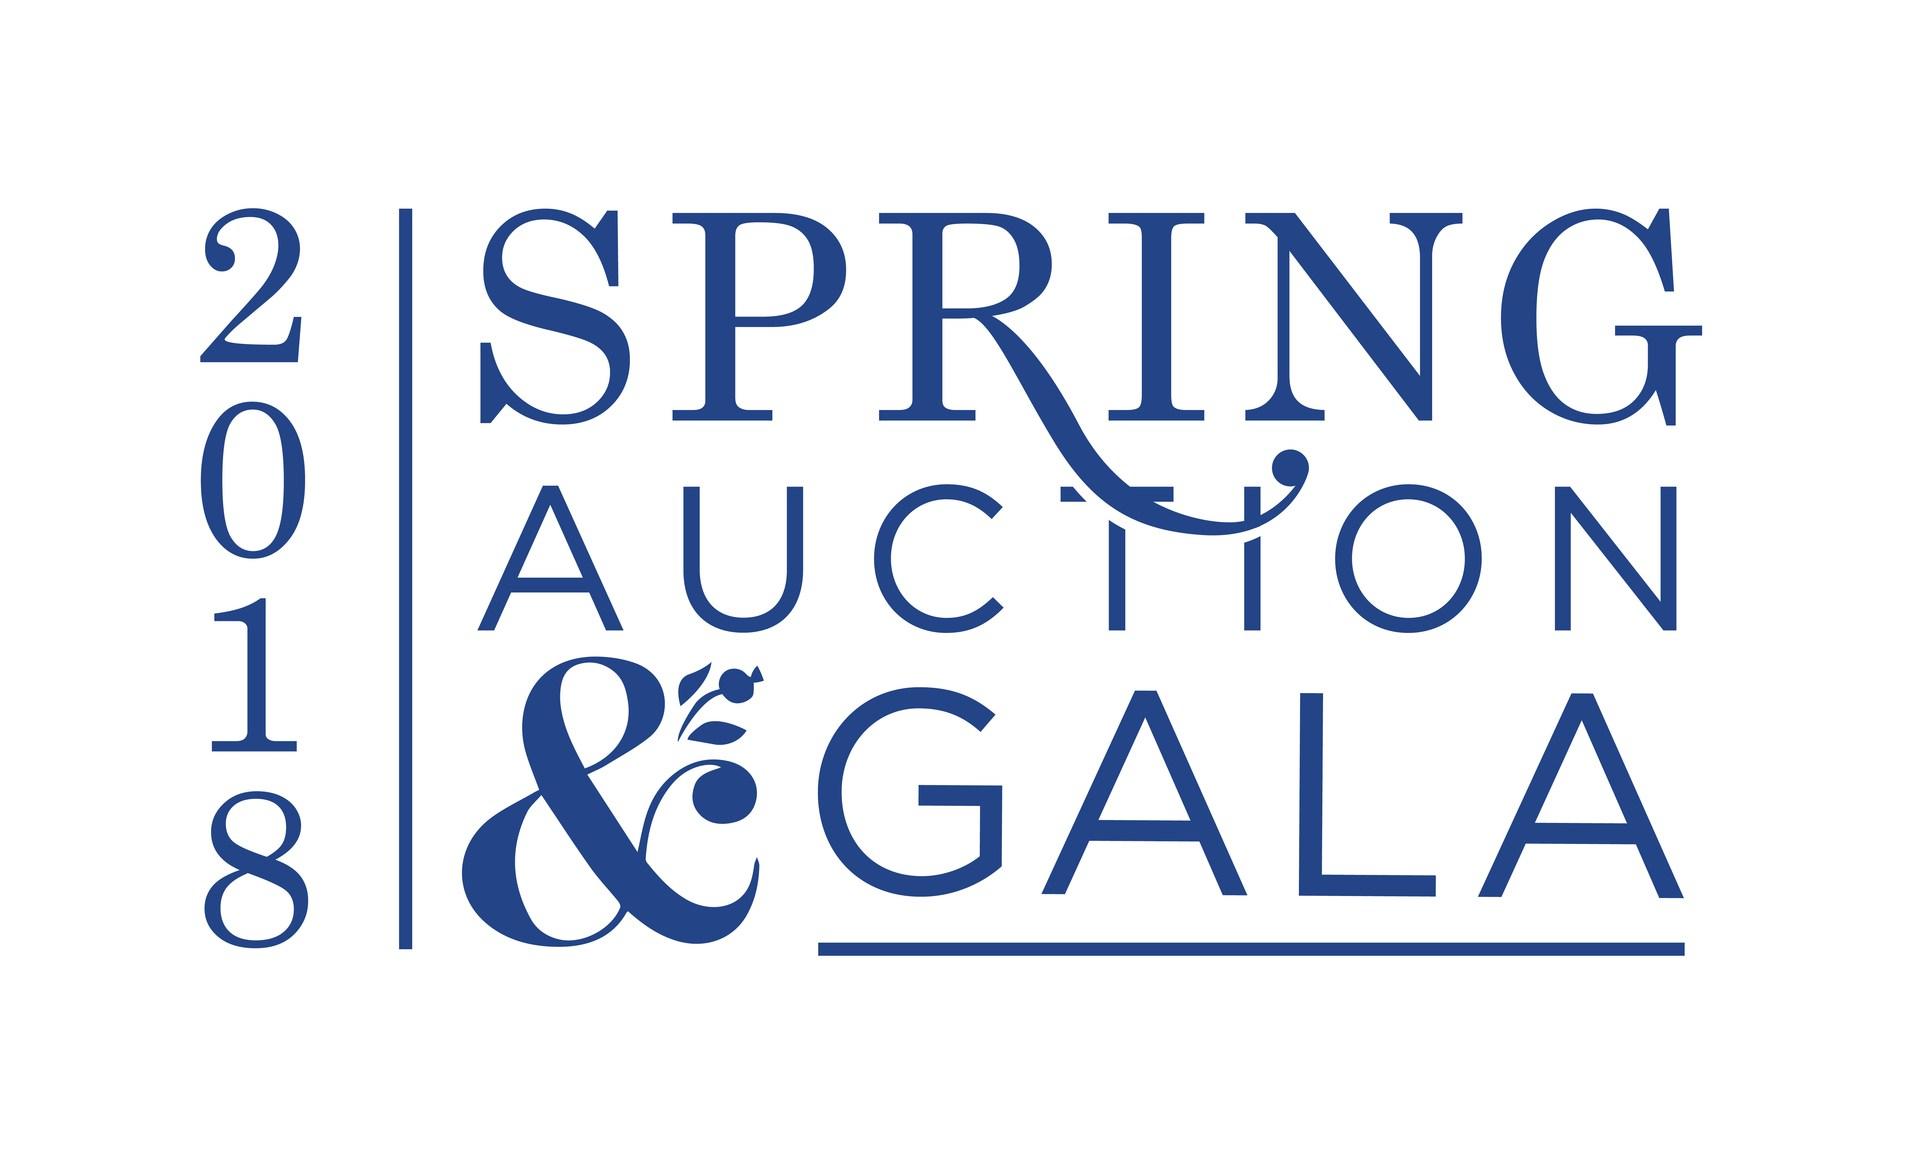 2018 Auction